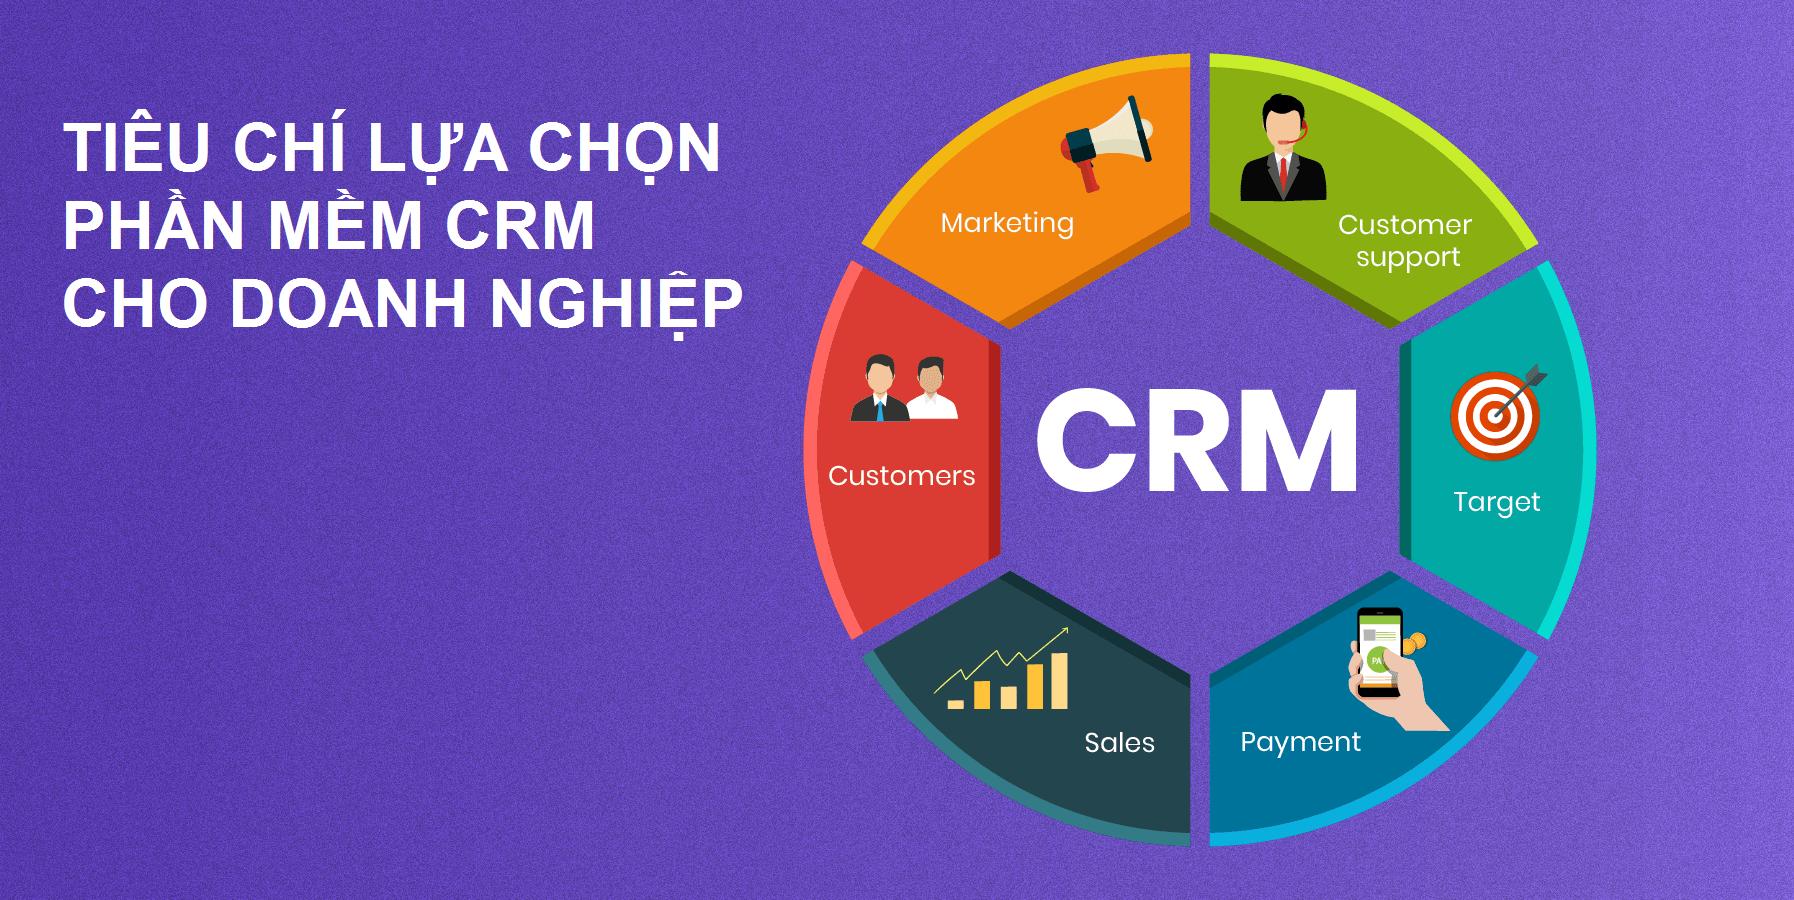 Tiêu chí lựa chọn phần mềm CRM phù hợp với doanh nghiệp của bạn